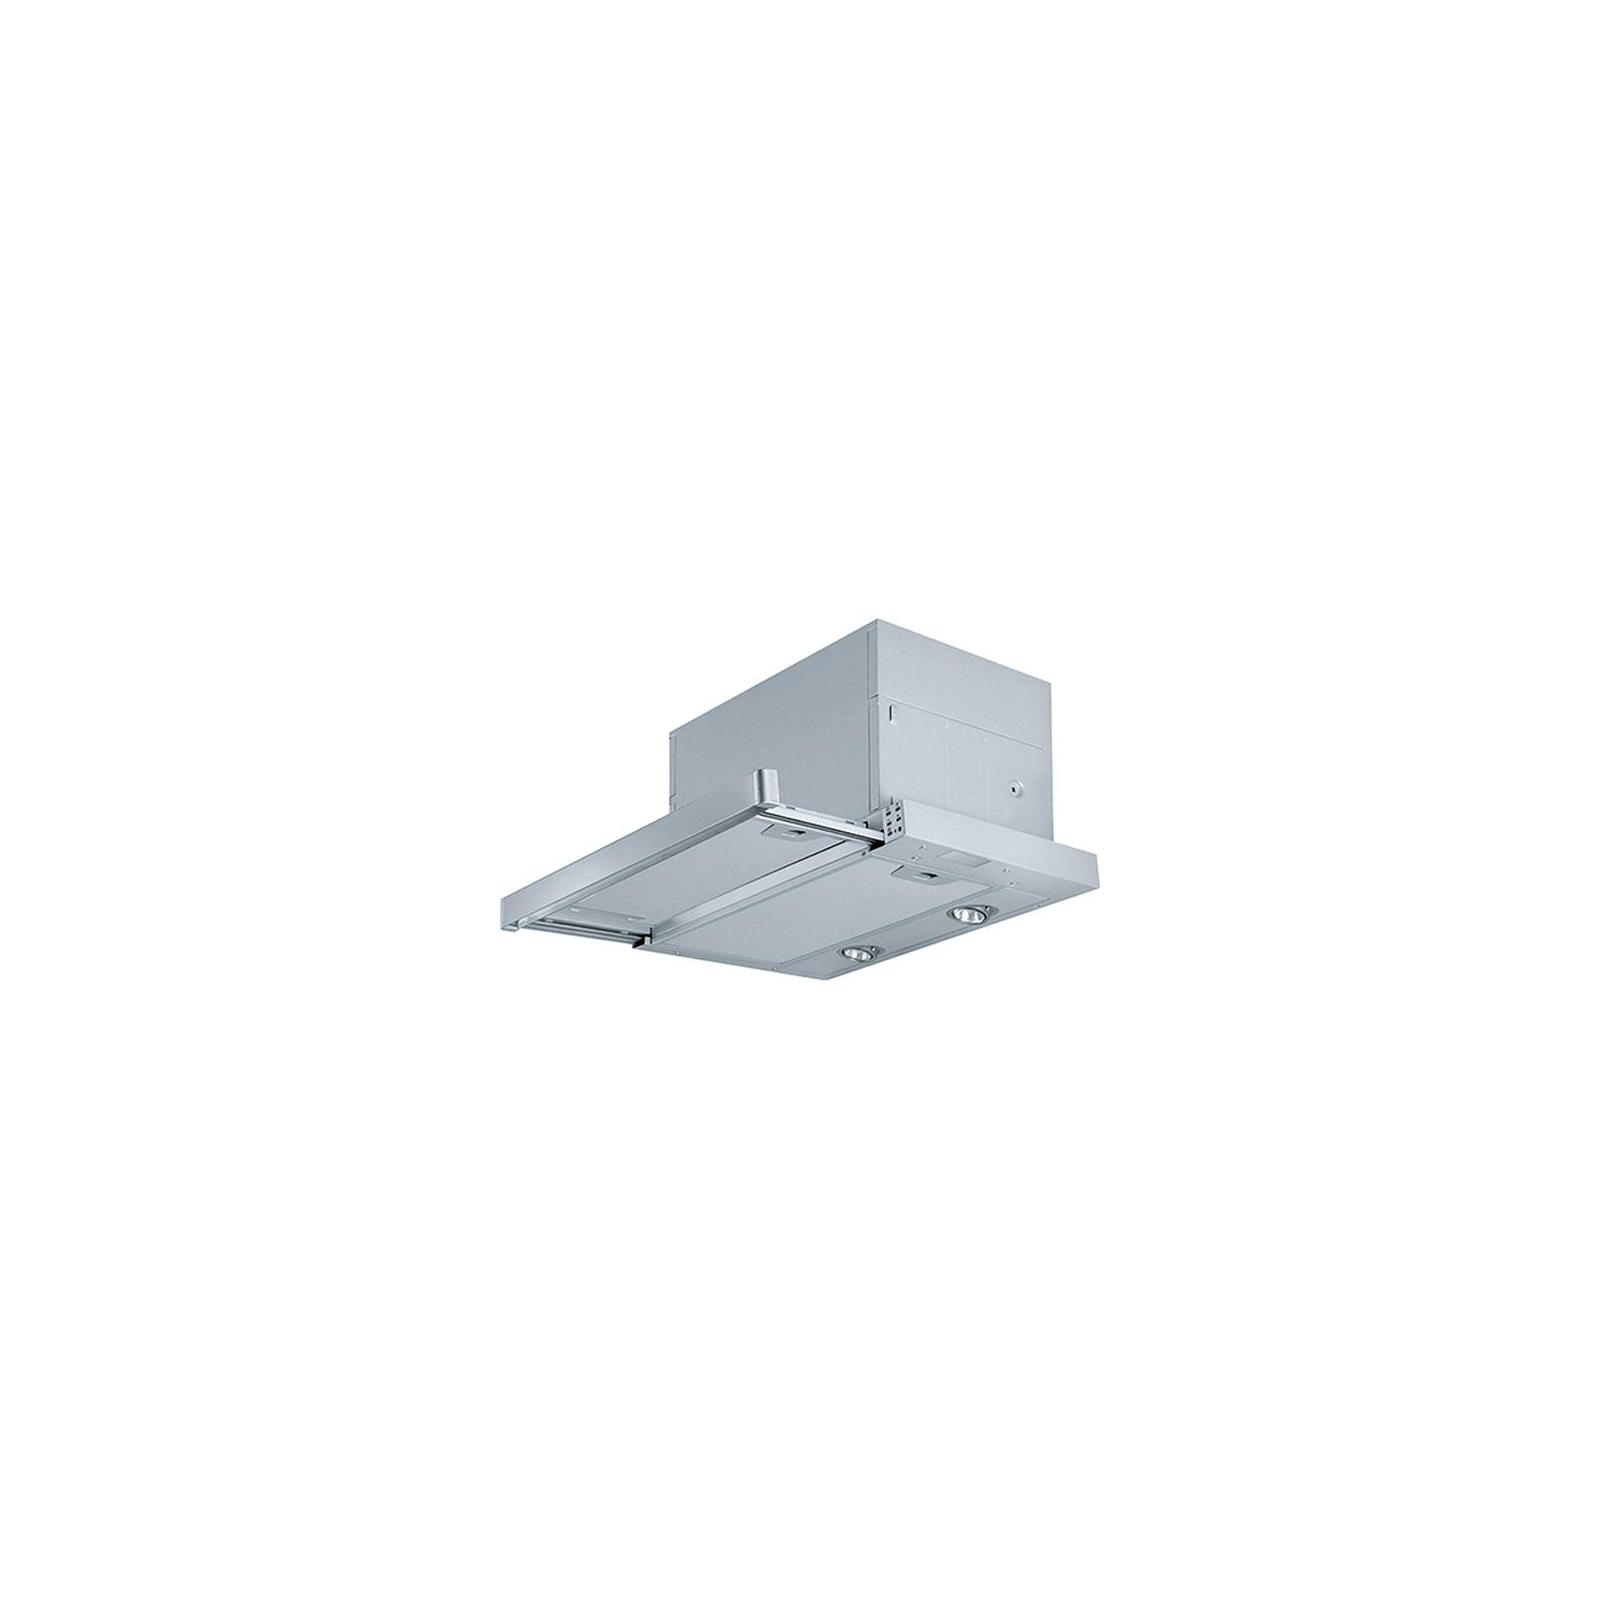 Вытяжка кухонная Franke Maxima FTC 626 XSL (110.0275.345)